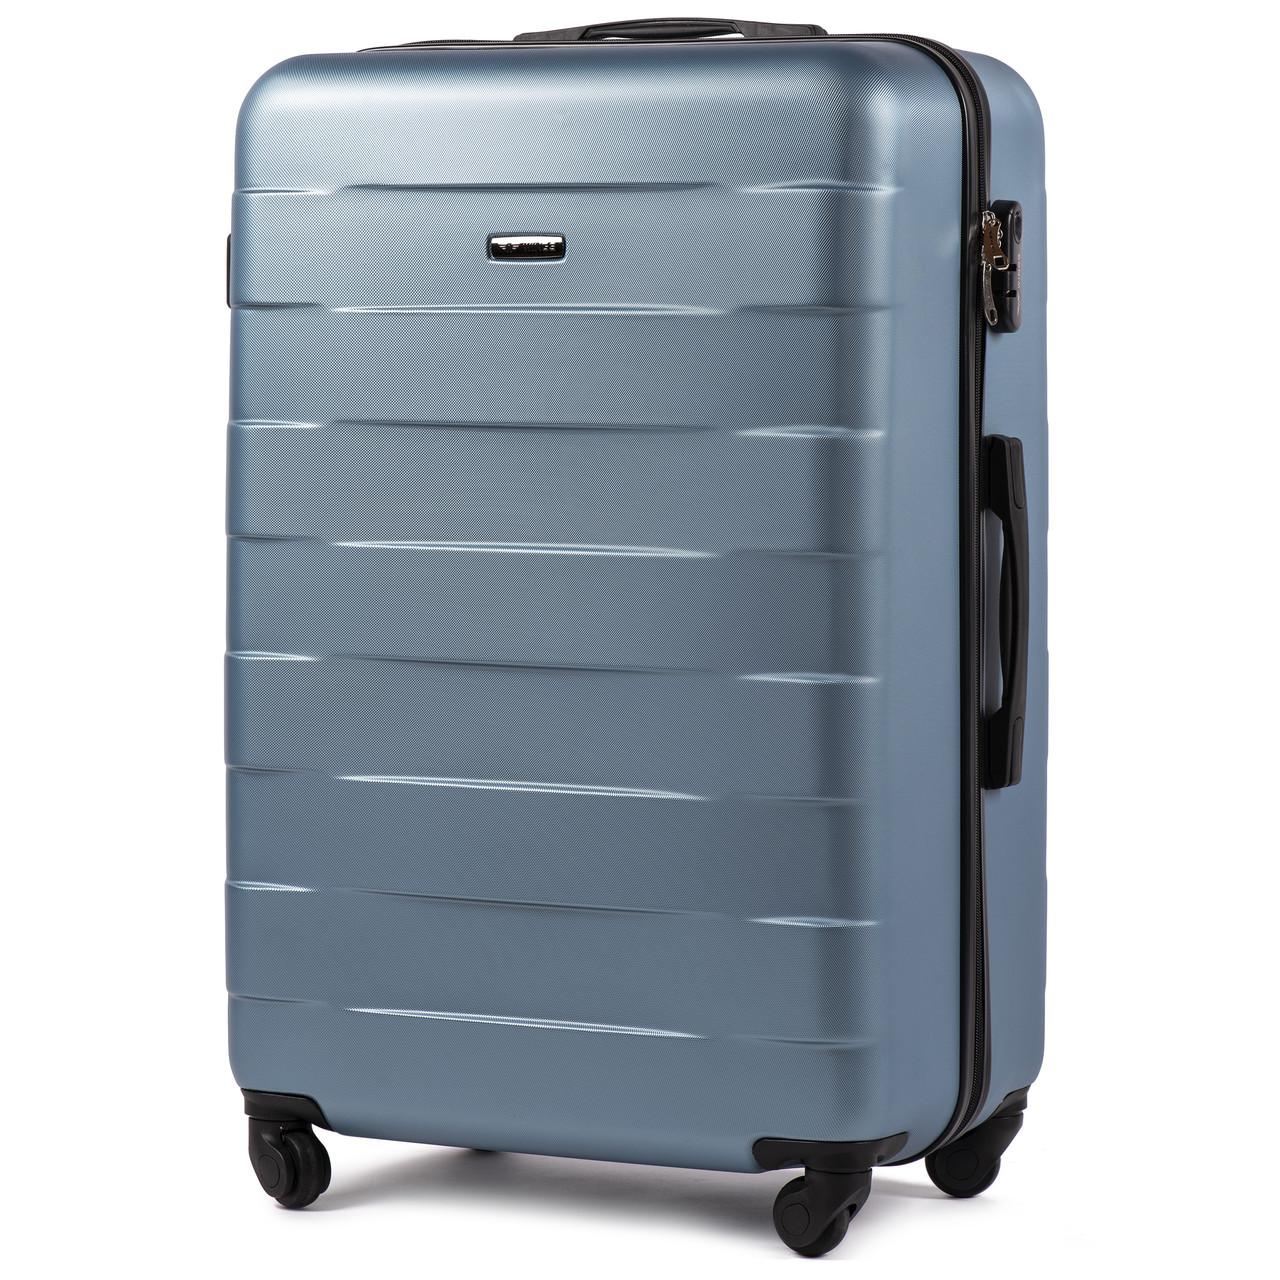 Средний пластиковый чемодан Wings 401 на 4 колесах синий, фото 1